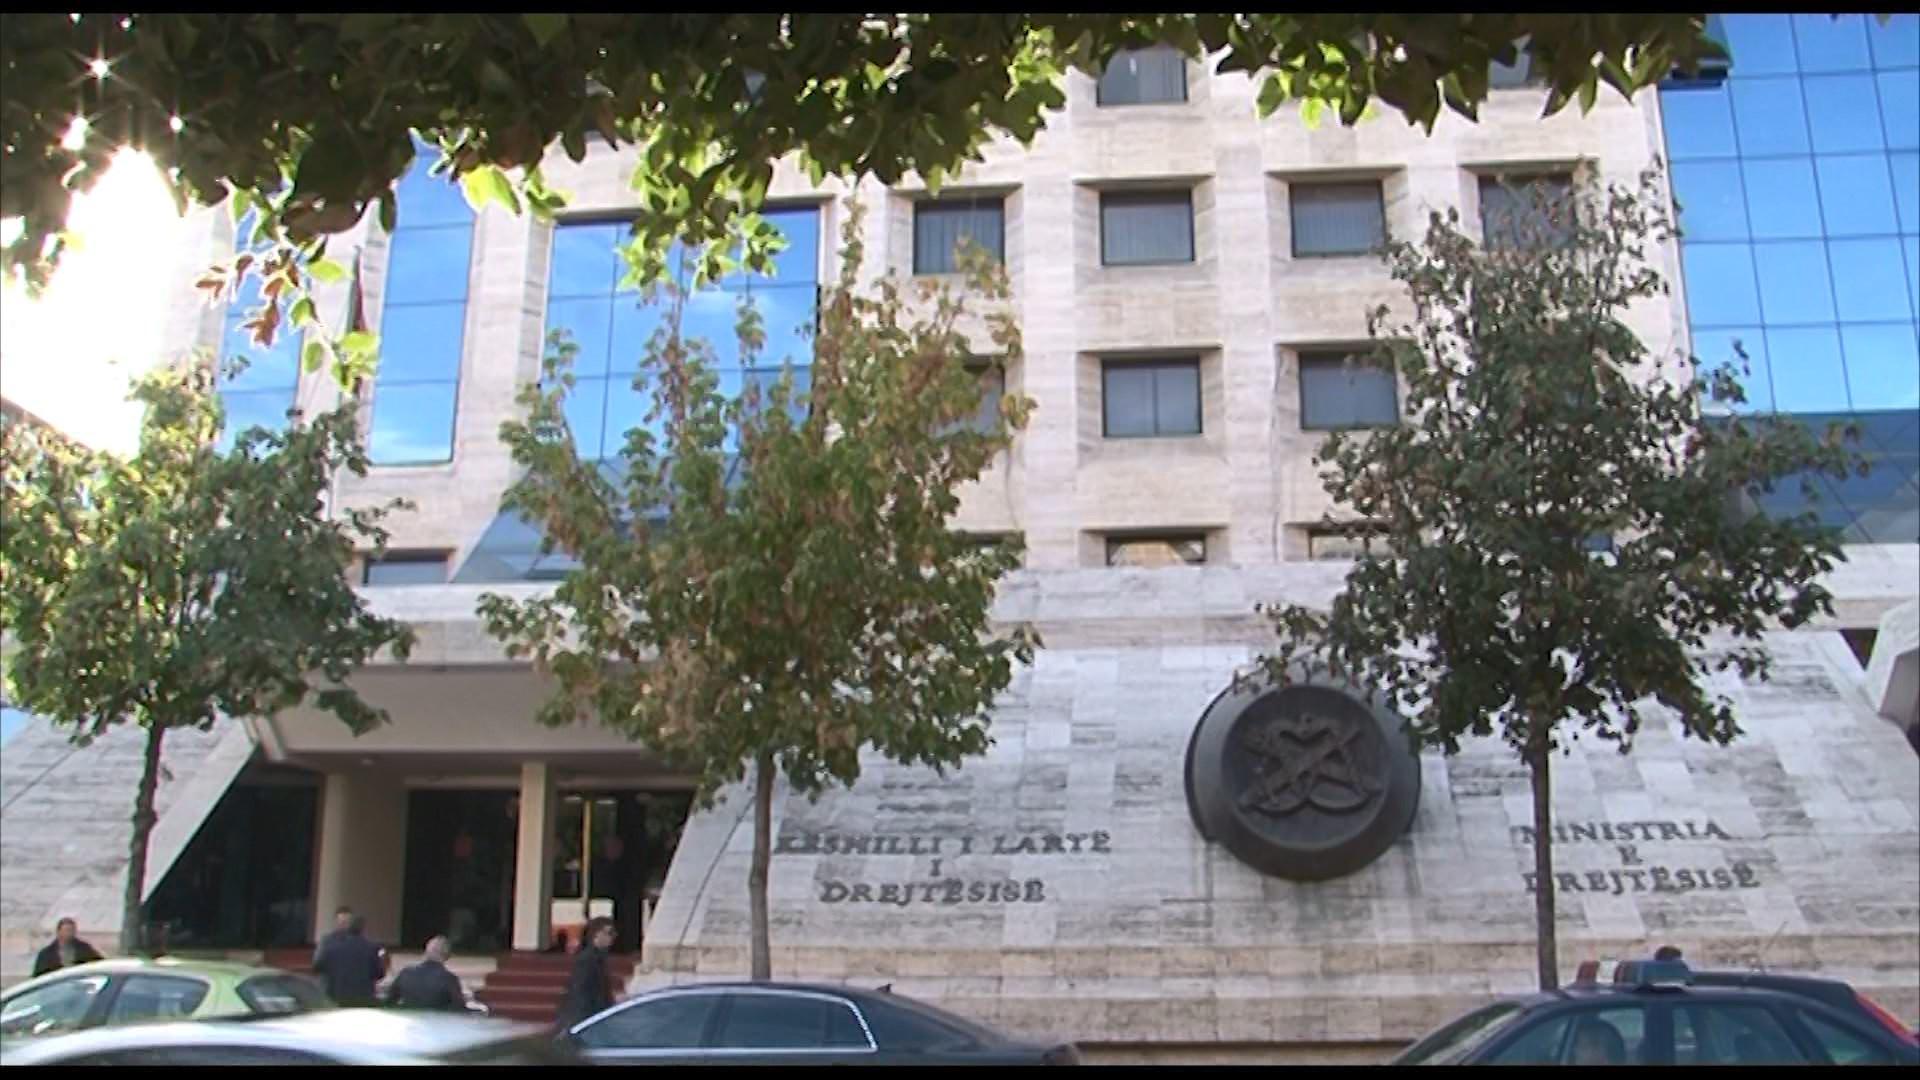 Mblidhet KLD/ Ministria e Drejtësisë kërkon shkarkimin e 4 gjyqtarëve